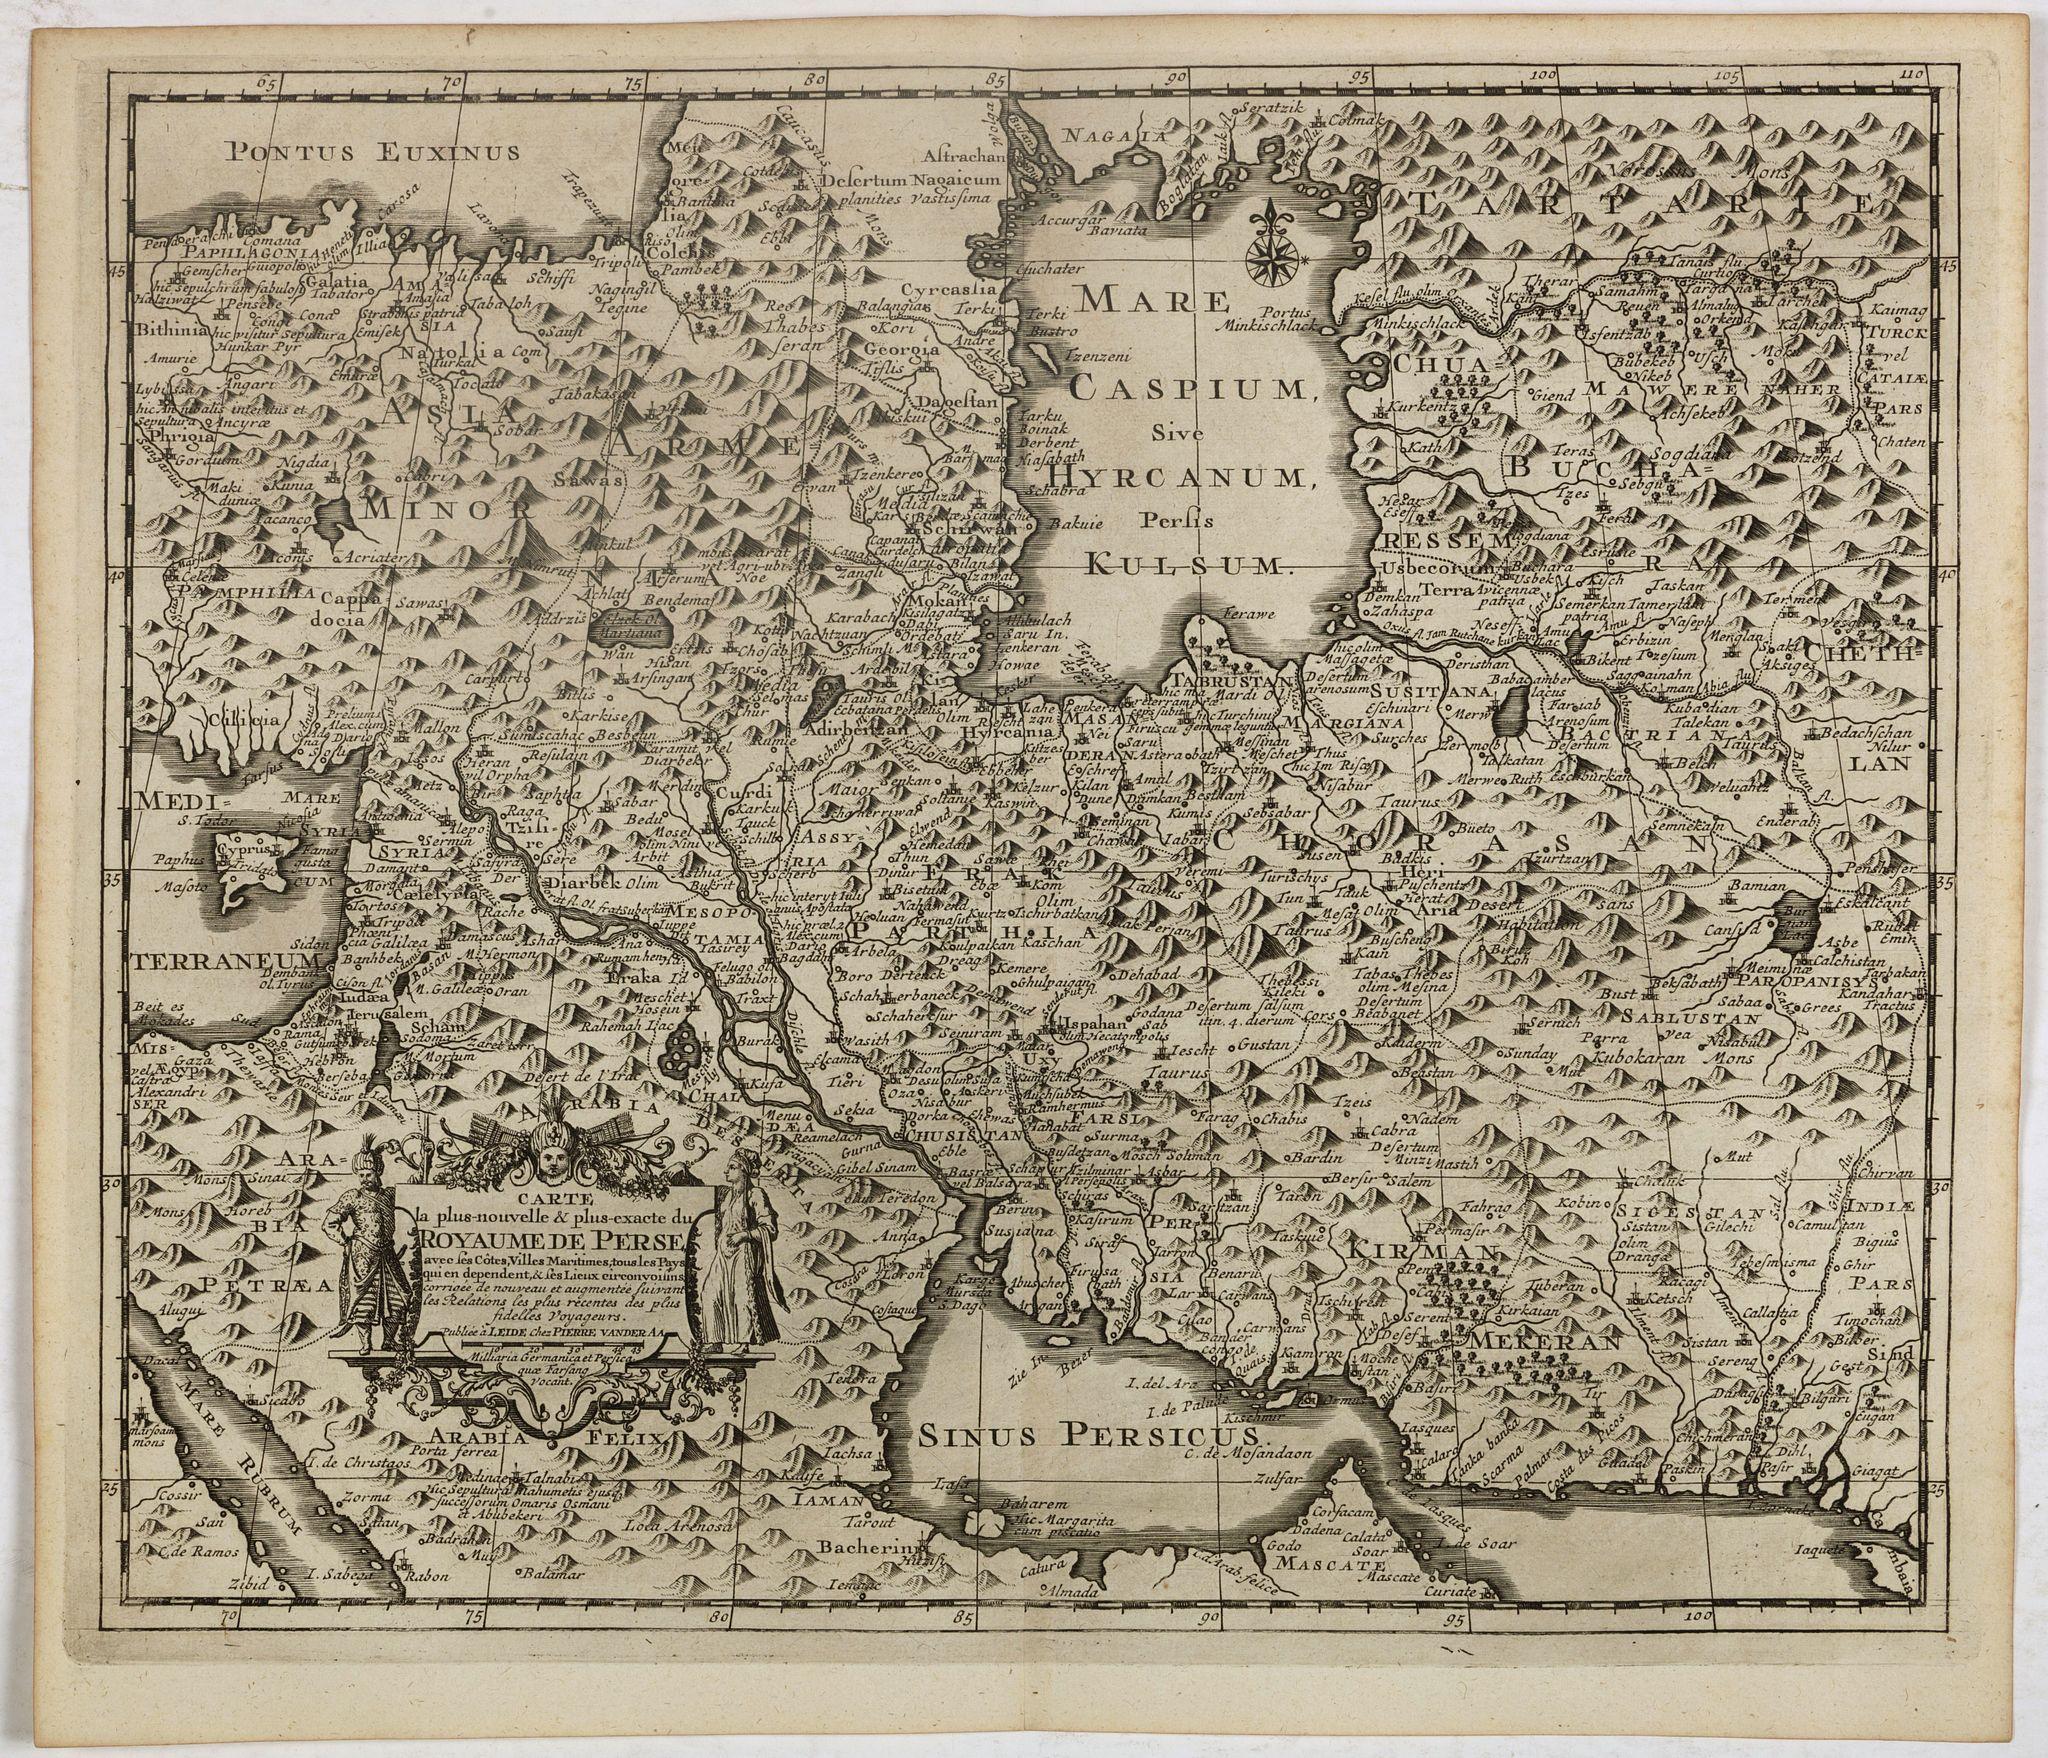 VAN DER AA, P. / OLEARIUS, A. -  Carte la plus nouvelle et plus exacte du royaume de Perse . . .